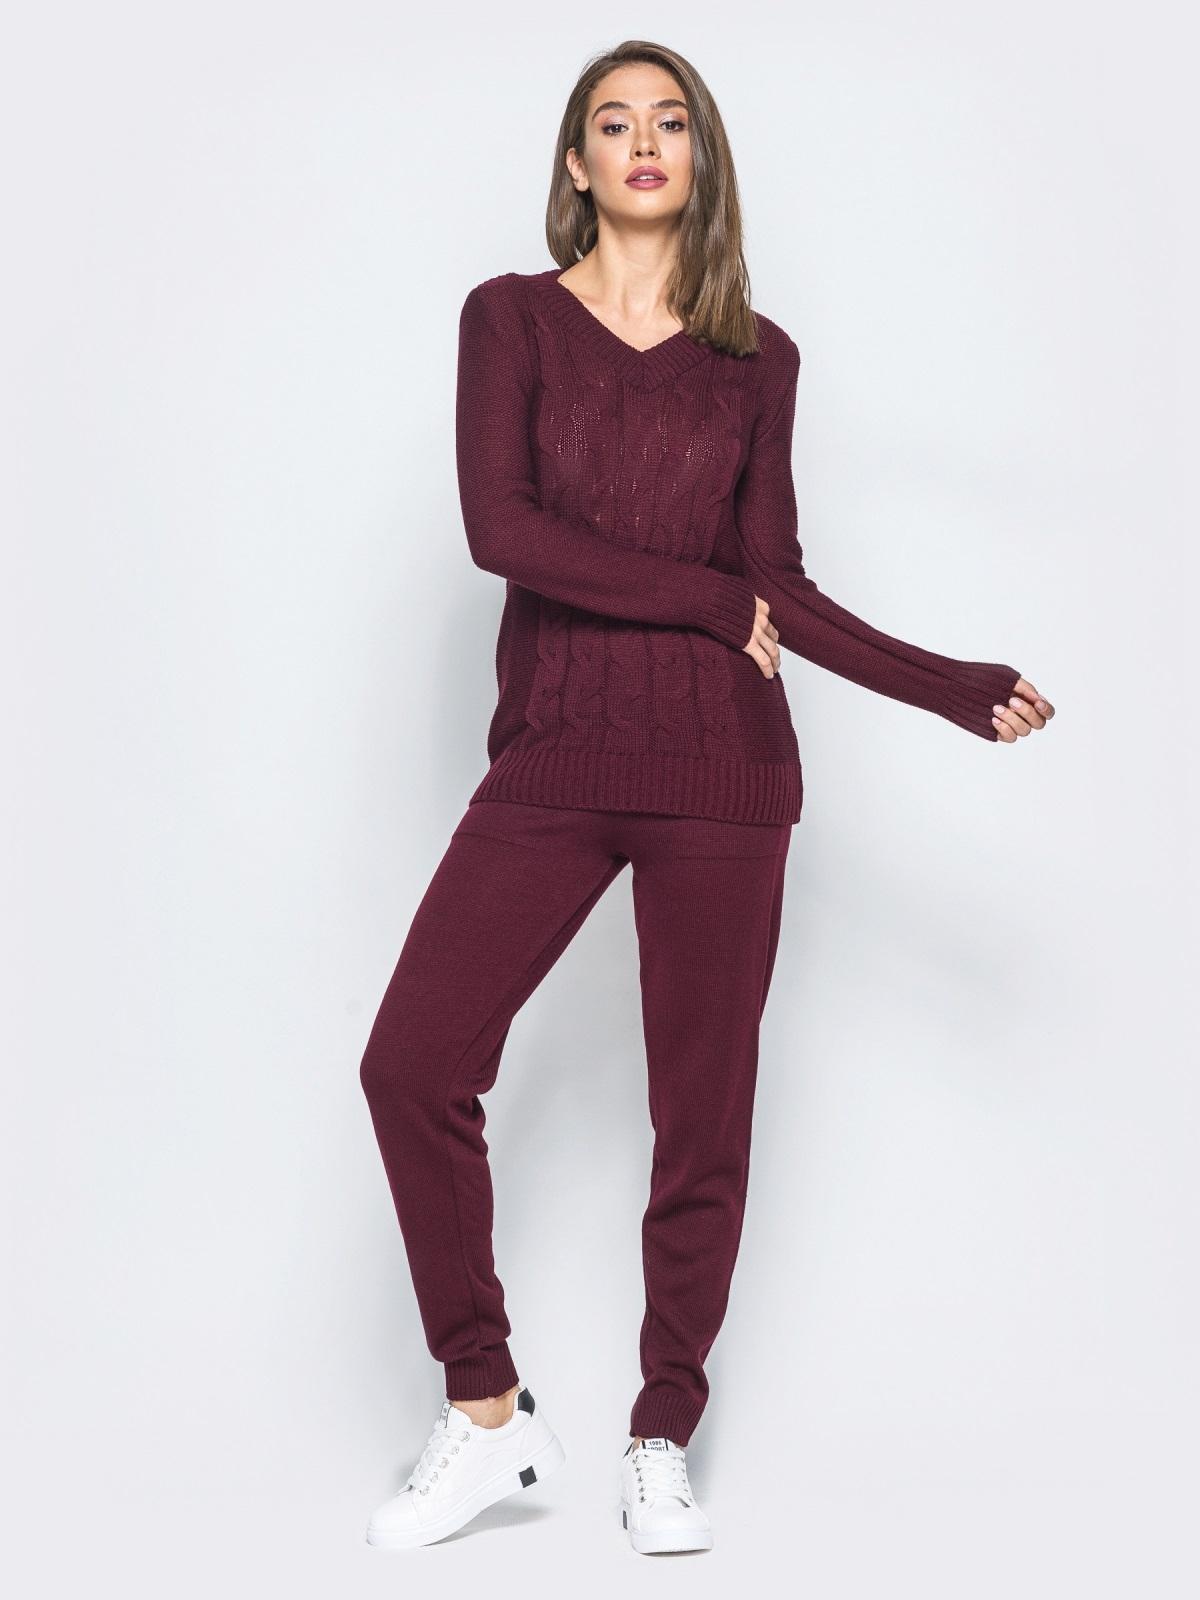 бордовый вязаный комплект с узором косы на свитере 16070 купить